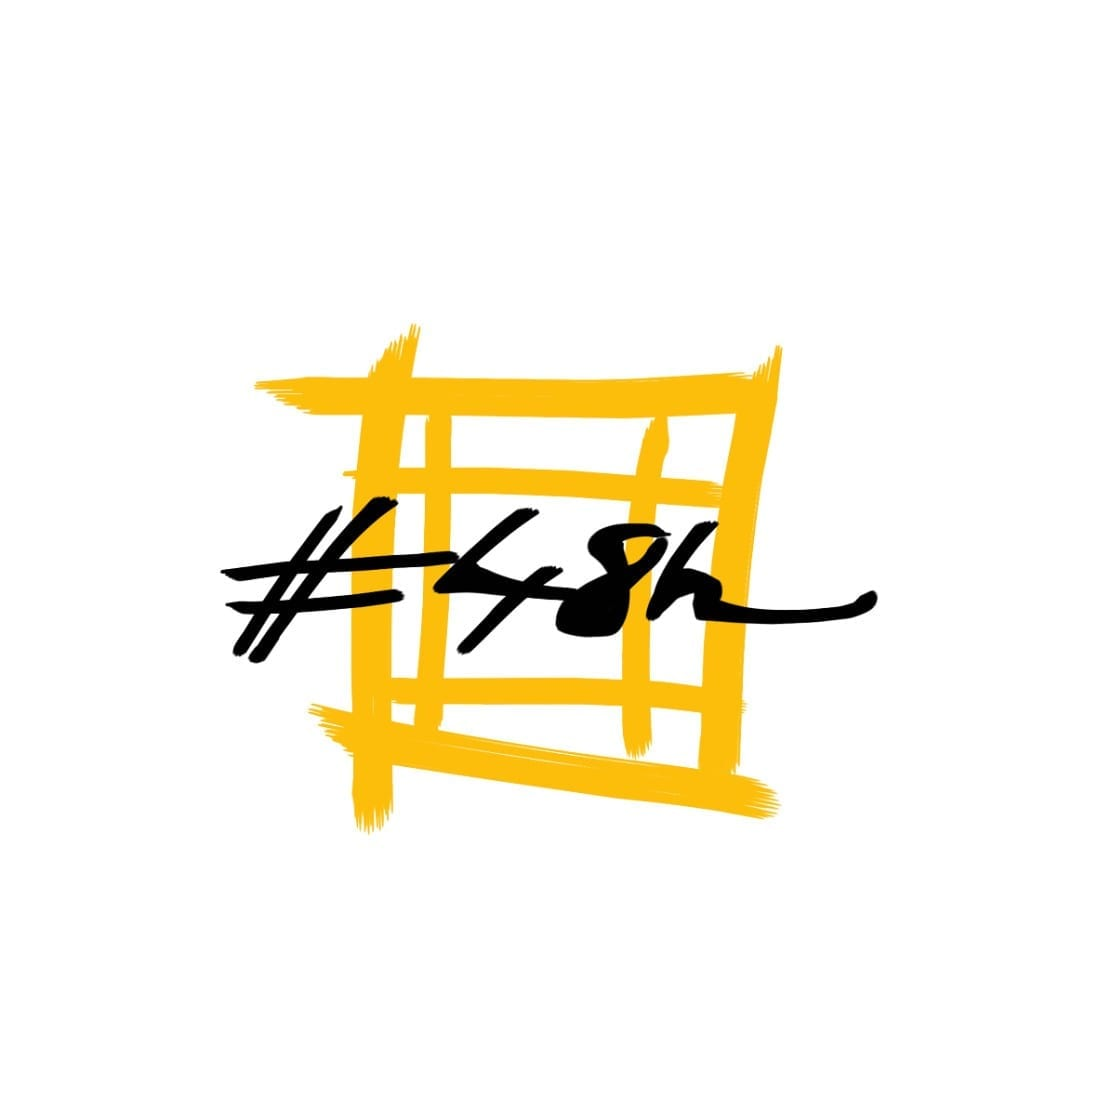 #48h logo facebook